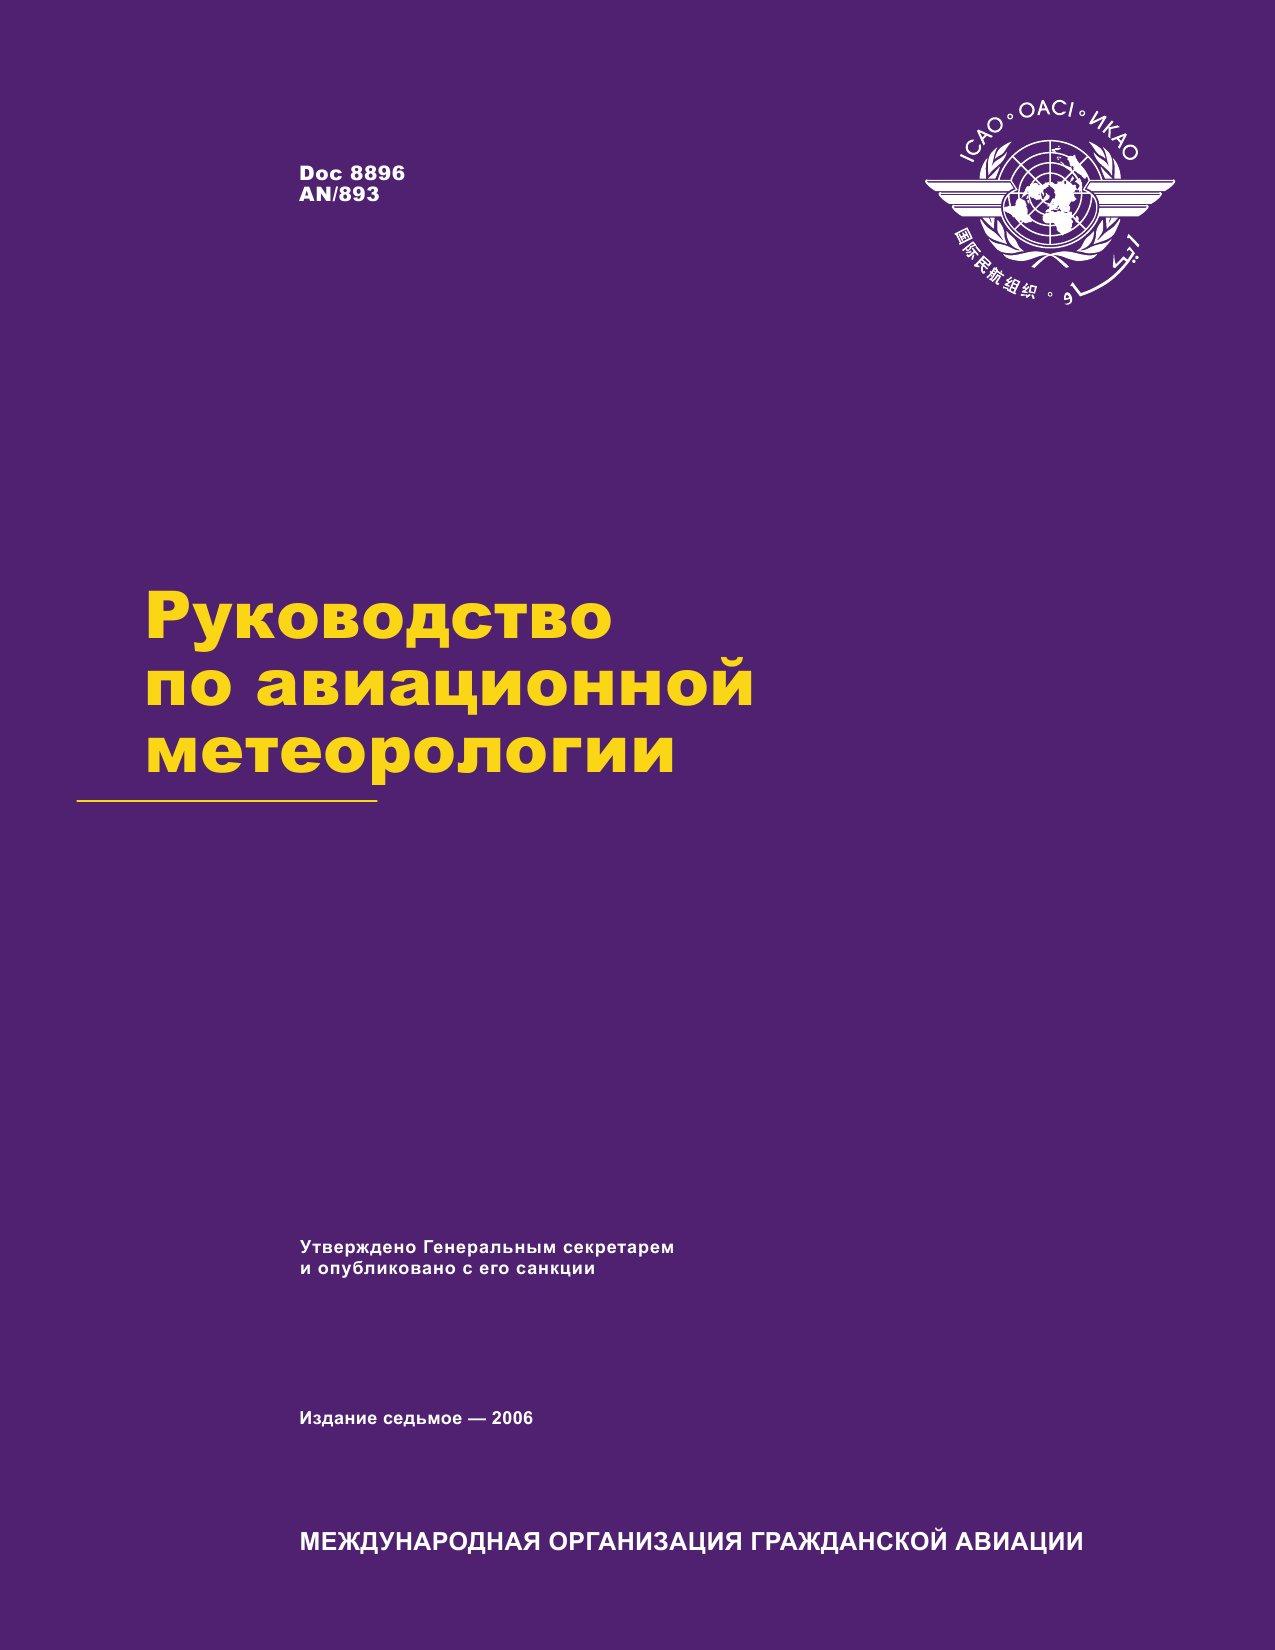 ICAO Doc 8896 Руководство по авиационной метеорологии